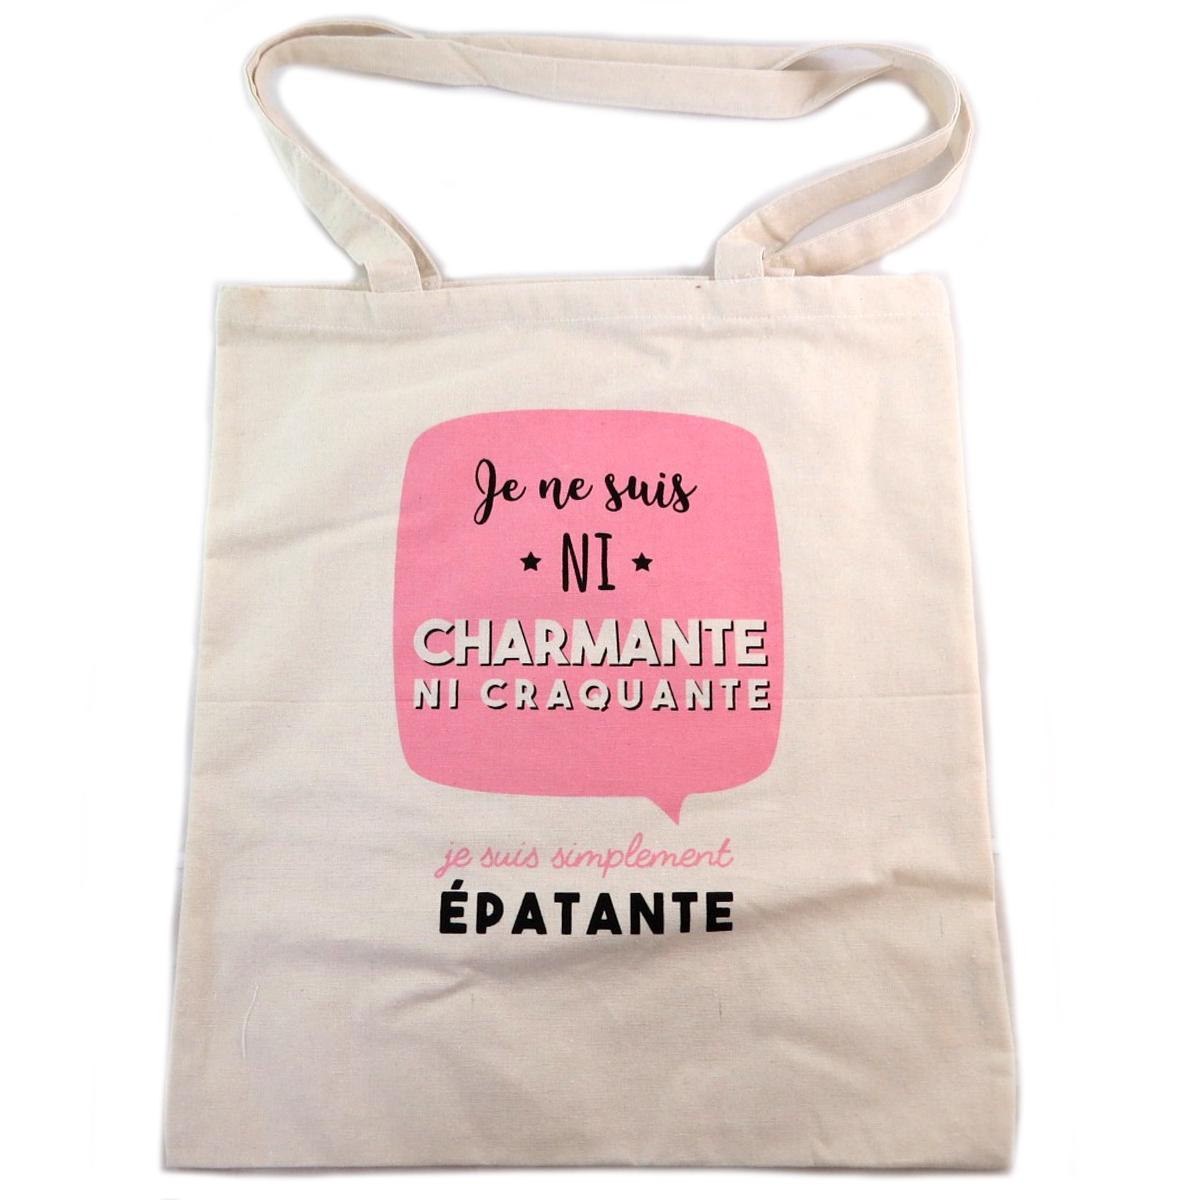 Sac coton / Tote bag \'Messages\' rose beige (Je ne suis ni charmante ni craquante je suis simplement Epatante) -  41x365 cm - [Q0363]